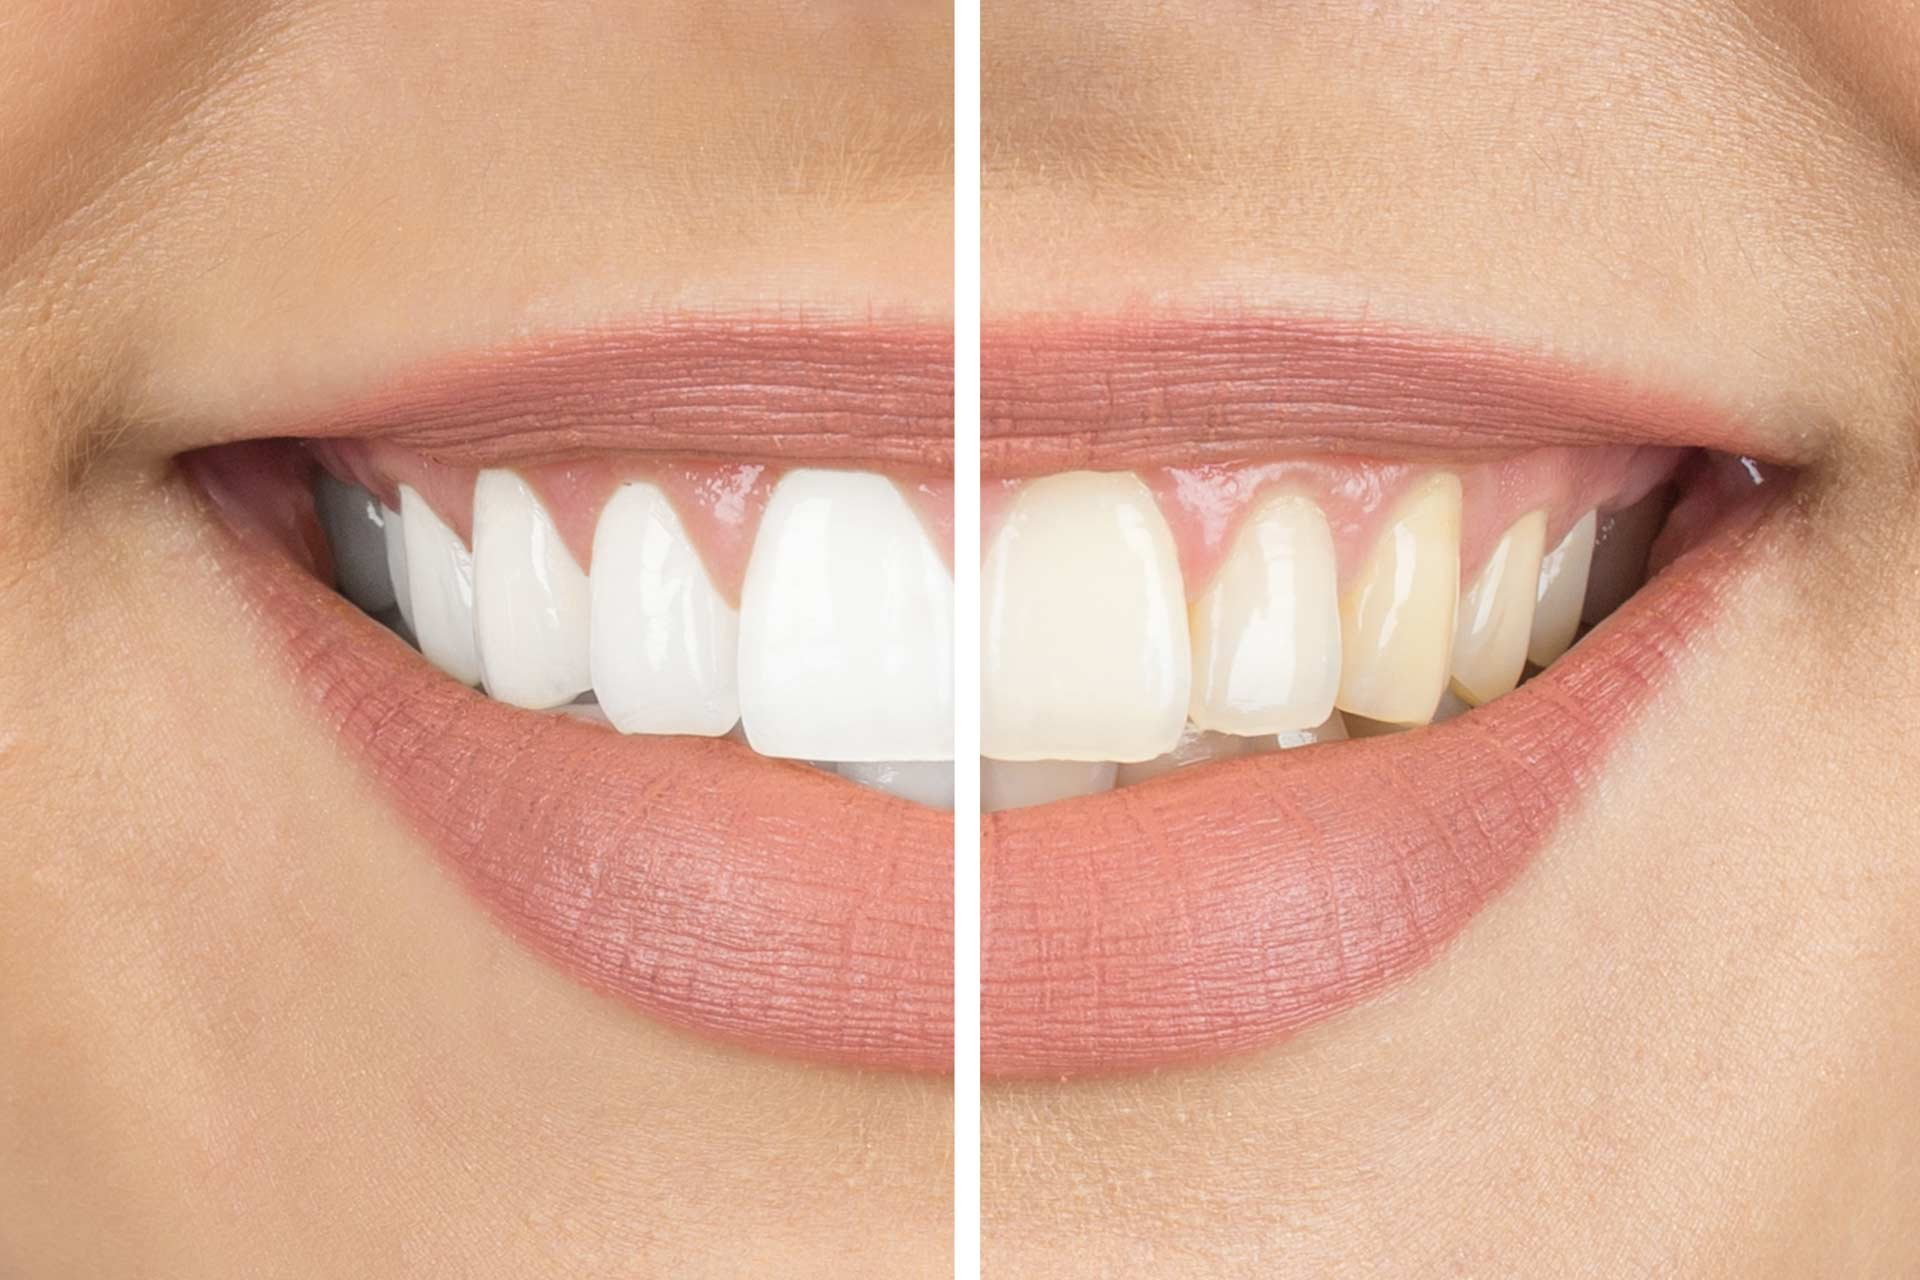 Whitening tips: How to avoid gum burn/irritation